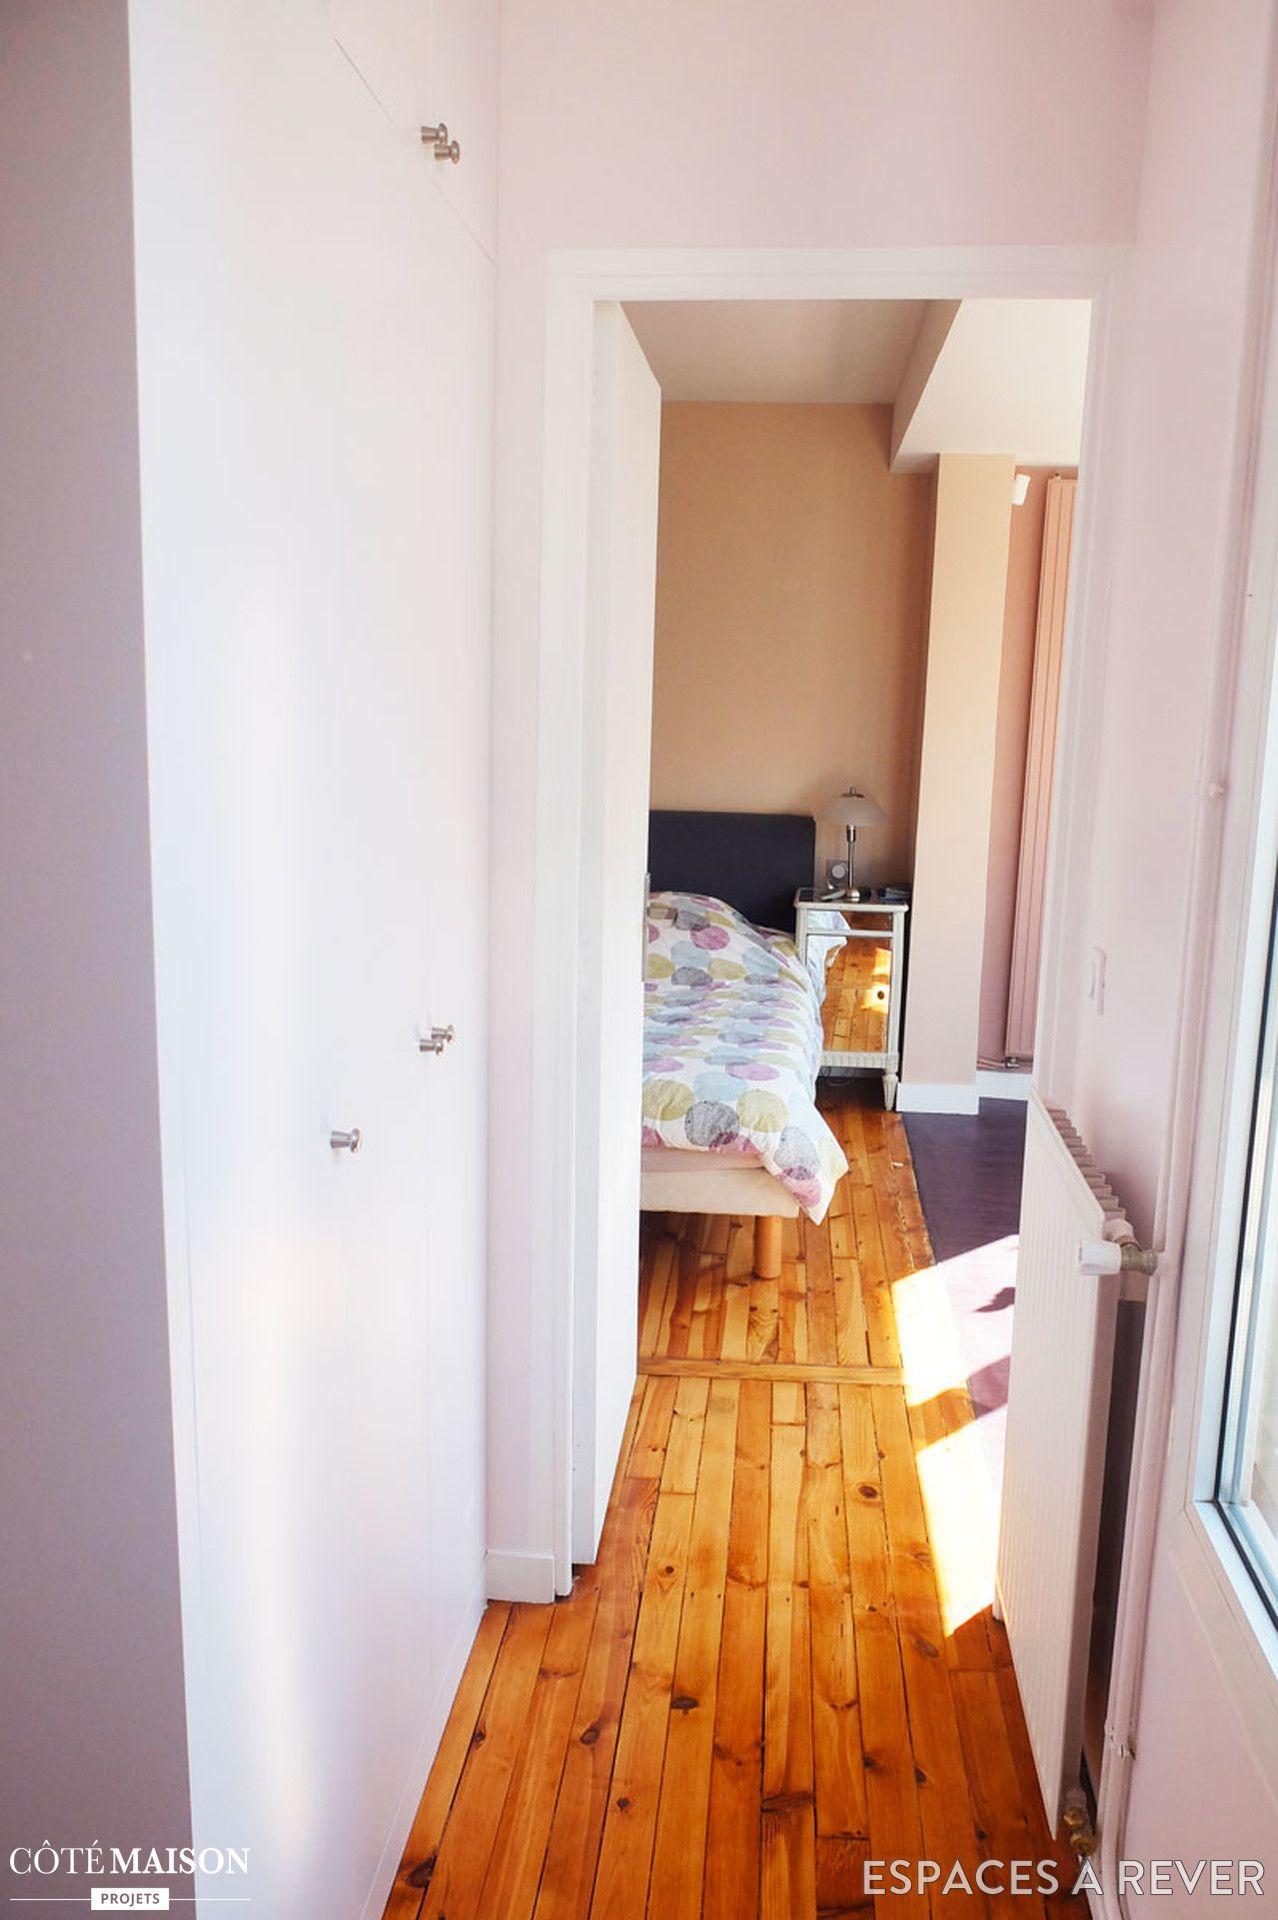 les couleurs pastel conf rent beaucoup de gaiet cette maison r nov e dans le couloir le. Black Bedroom Furniture Sets. Home Design Ideas